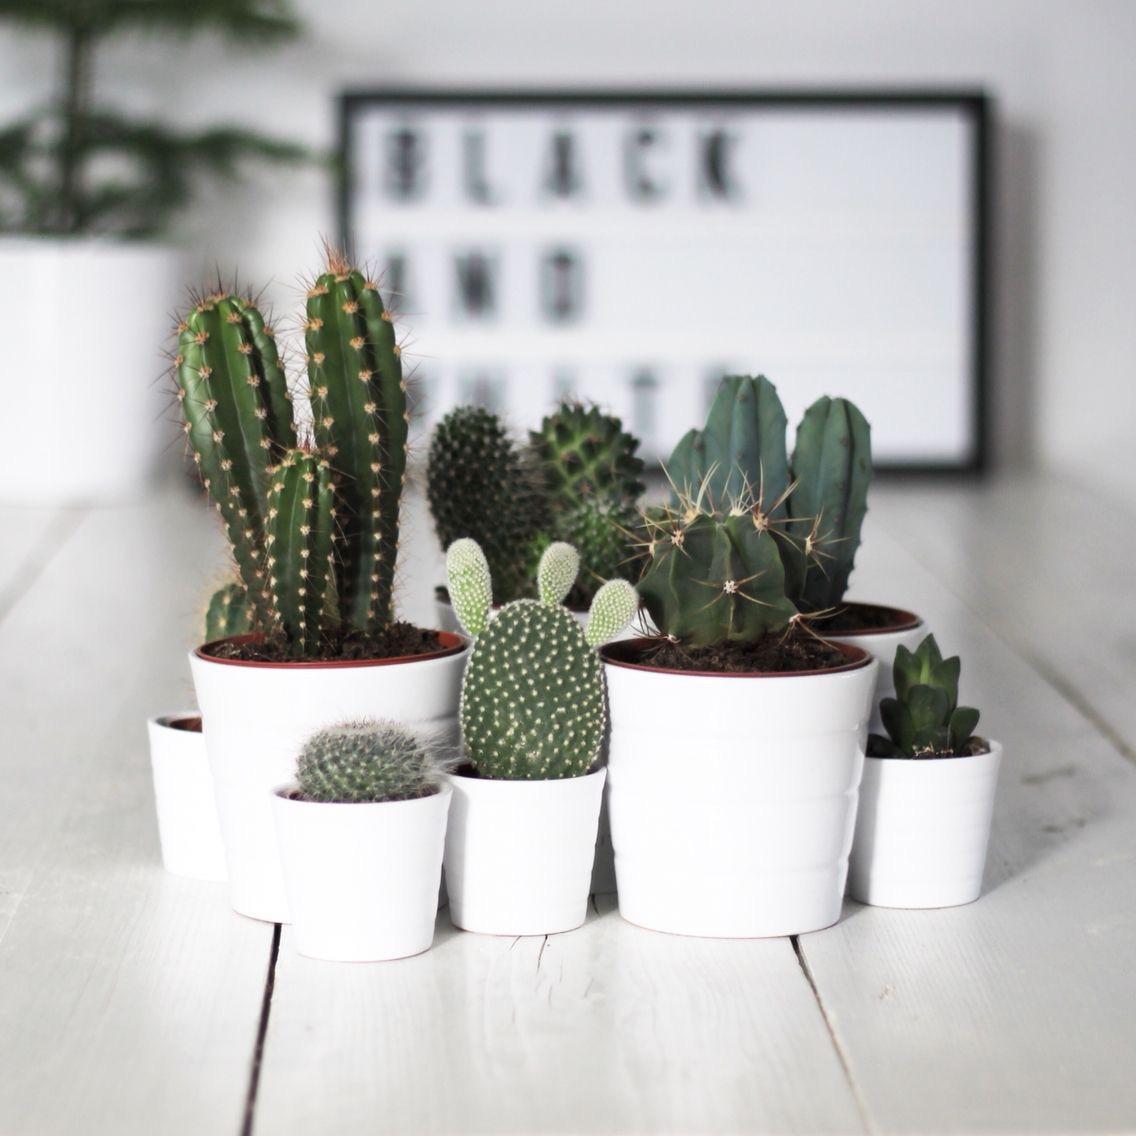 S'entourer de belles plantes : les cactus - FrenchyFancy